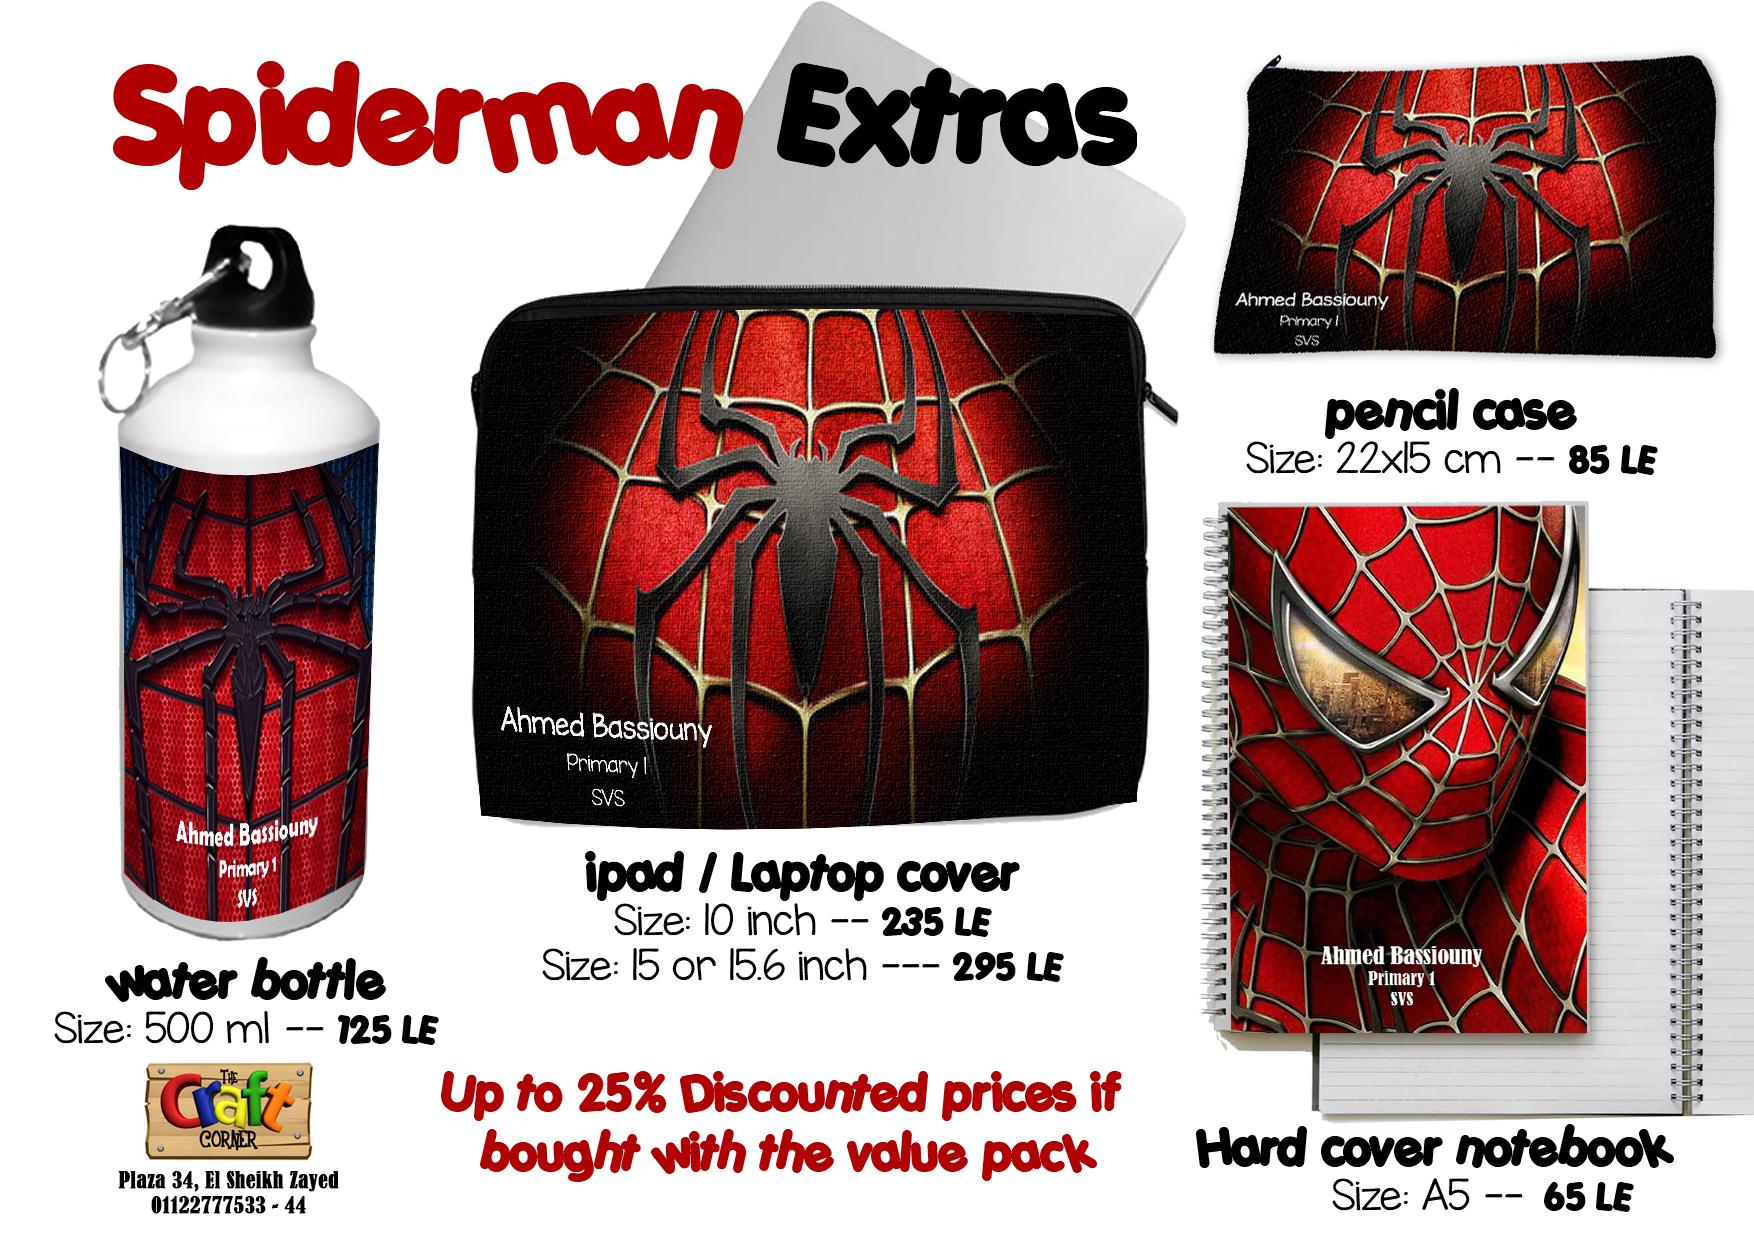 spiderman Extras